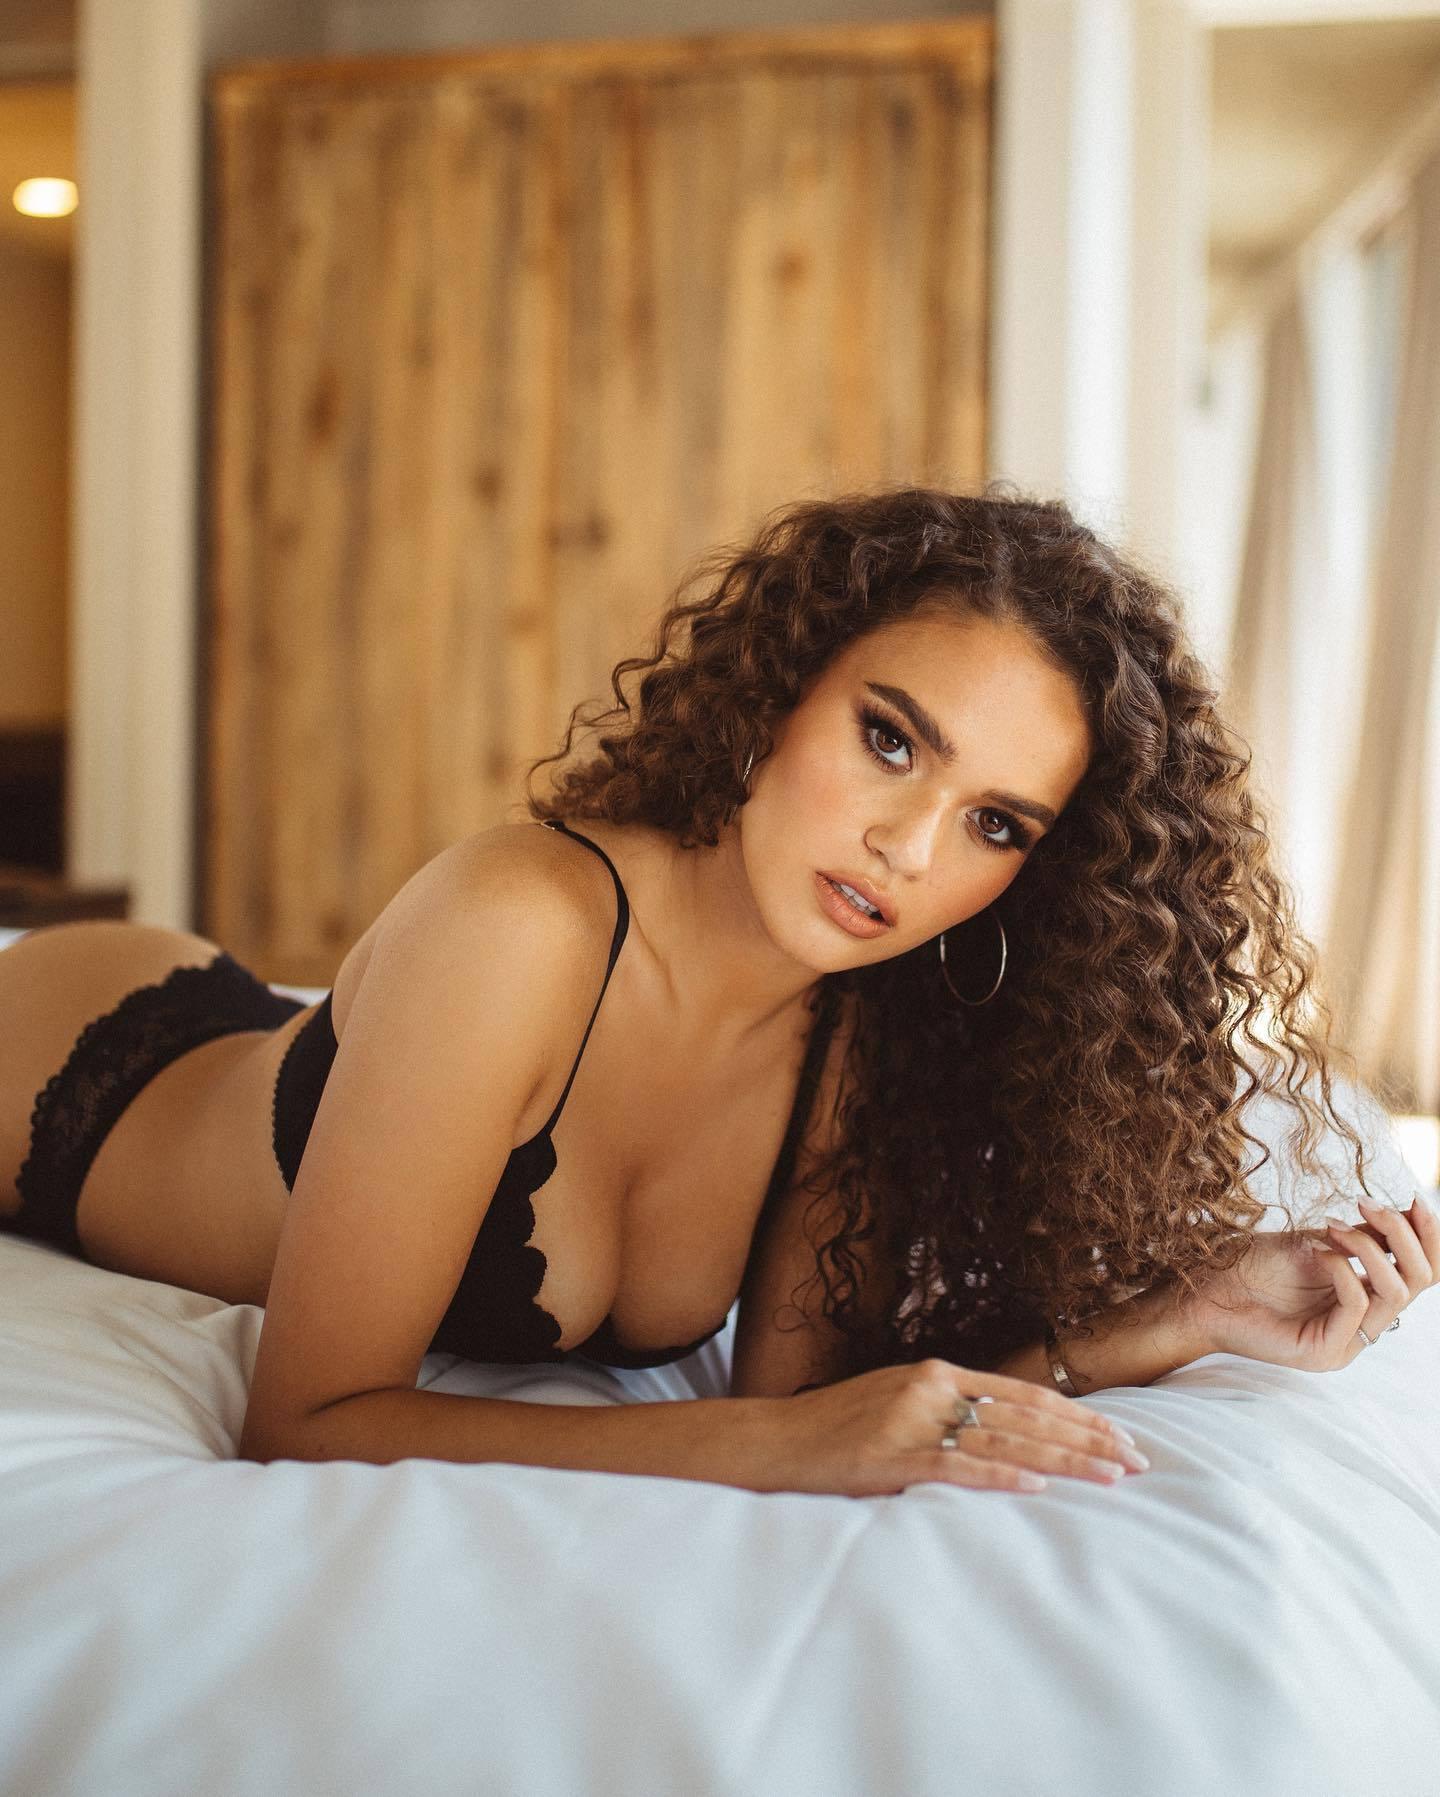 Madison Michelle Pettis Black Lingerie